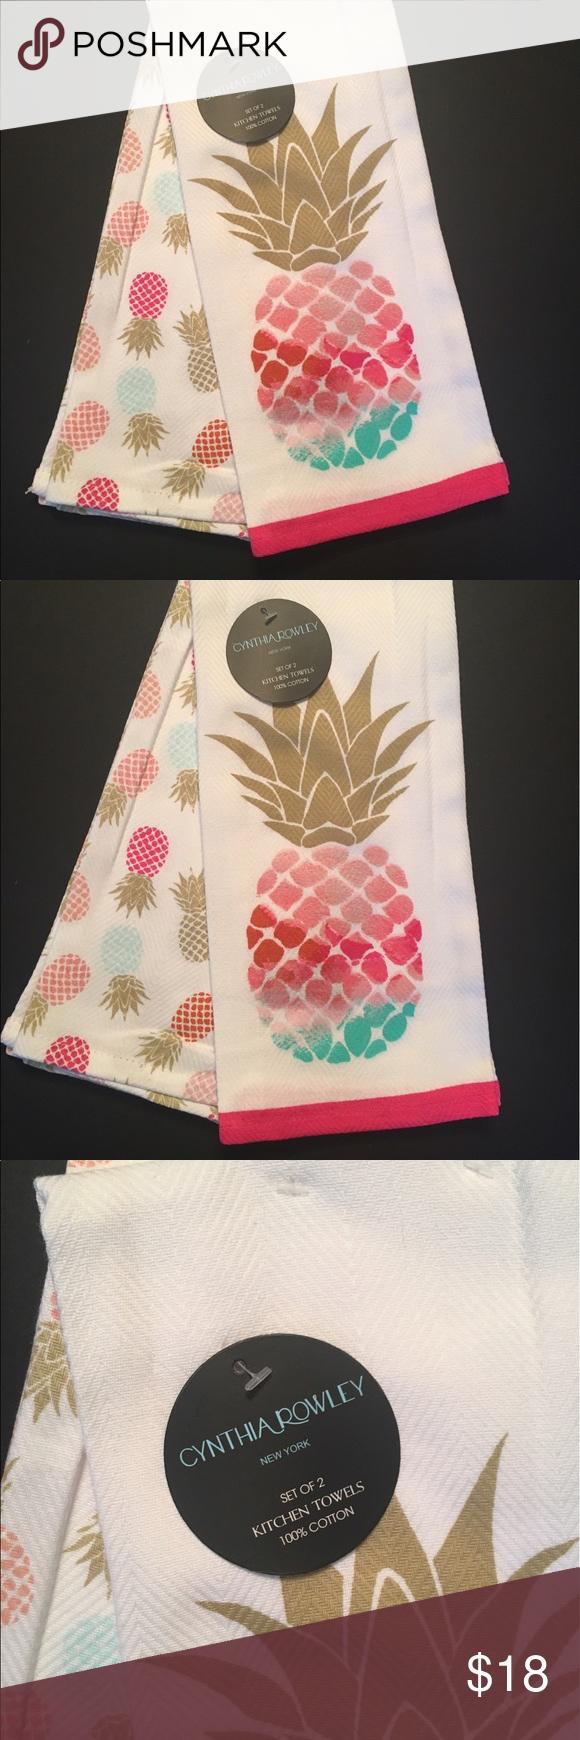 Attrayant Cynthia Rowley Kitchen Towels Pineapple Summer Cynthia Rowley Kitchen  Towels Set Of 2 Pineapples 100%